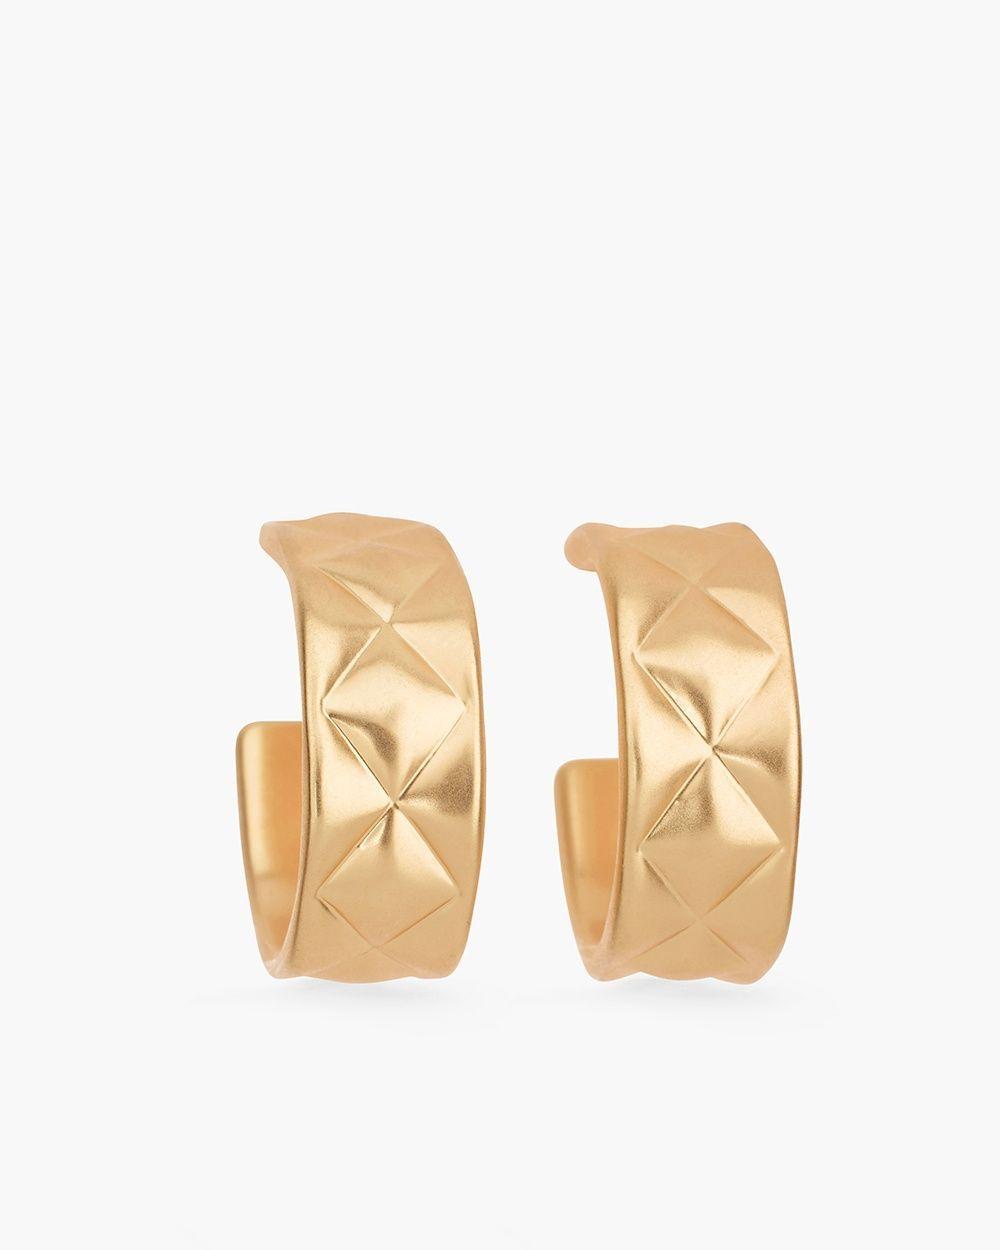 Chico's Women's Fleur Hoop Earrings, Gold, Size: One Size